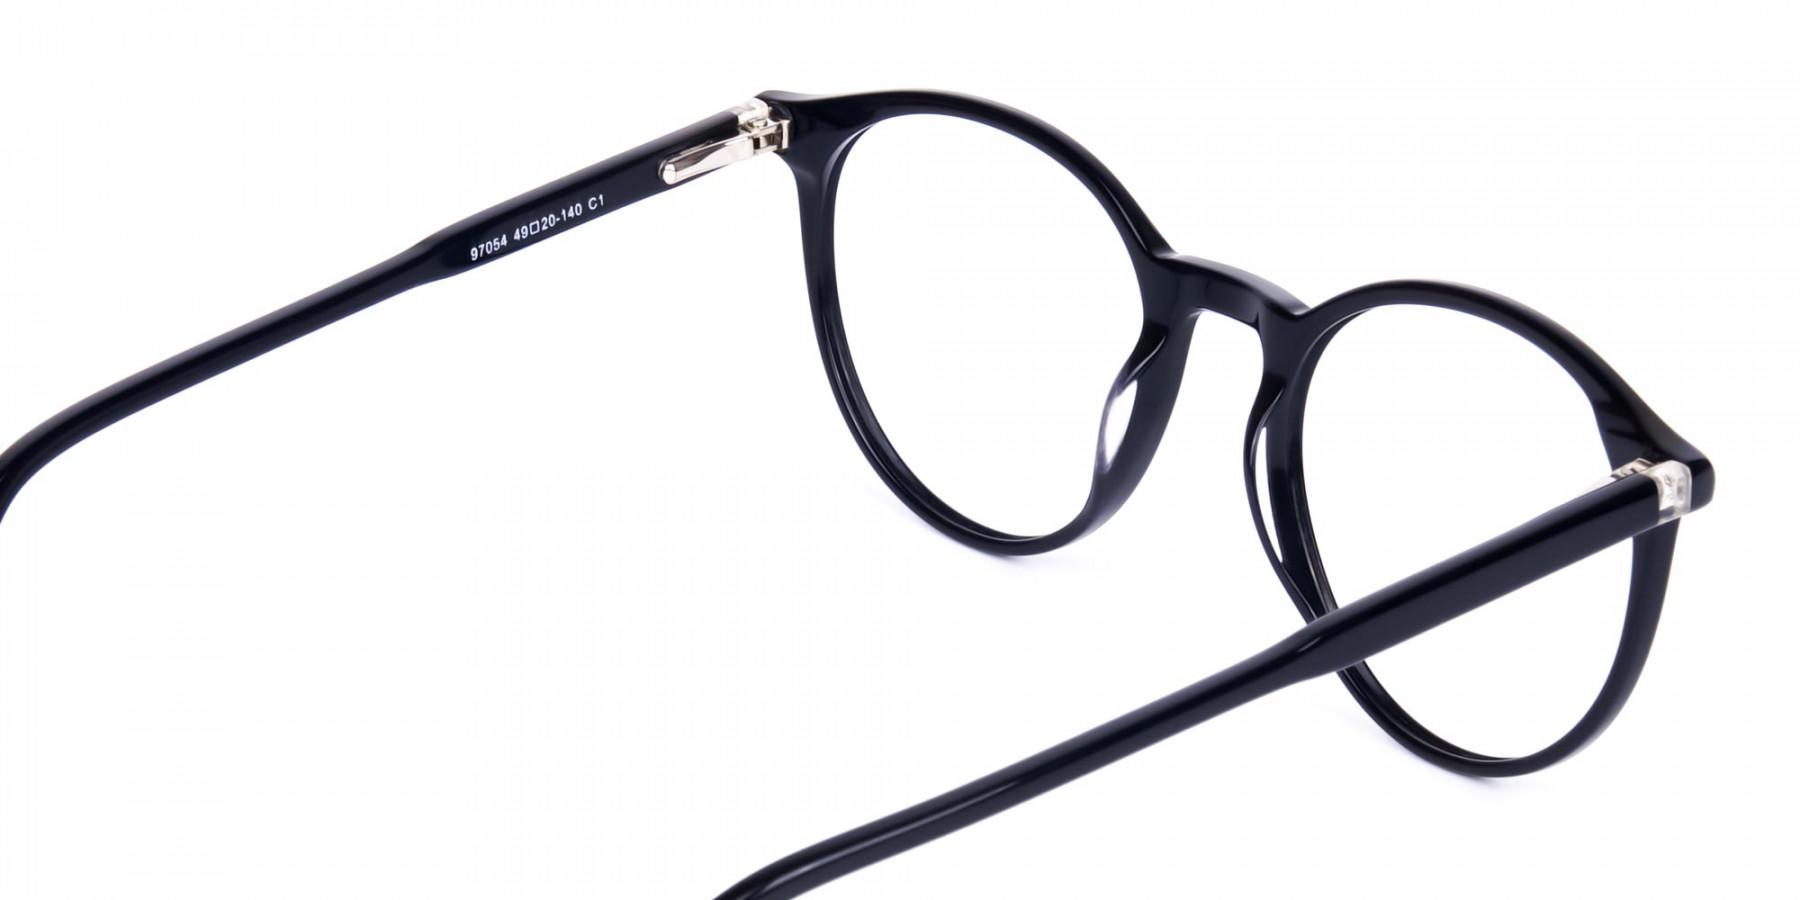 Korean Glasses For Men & Women -1